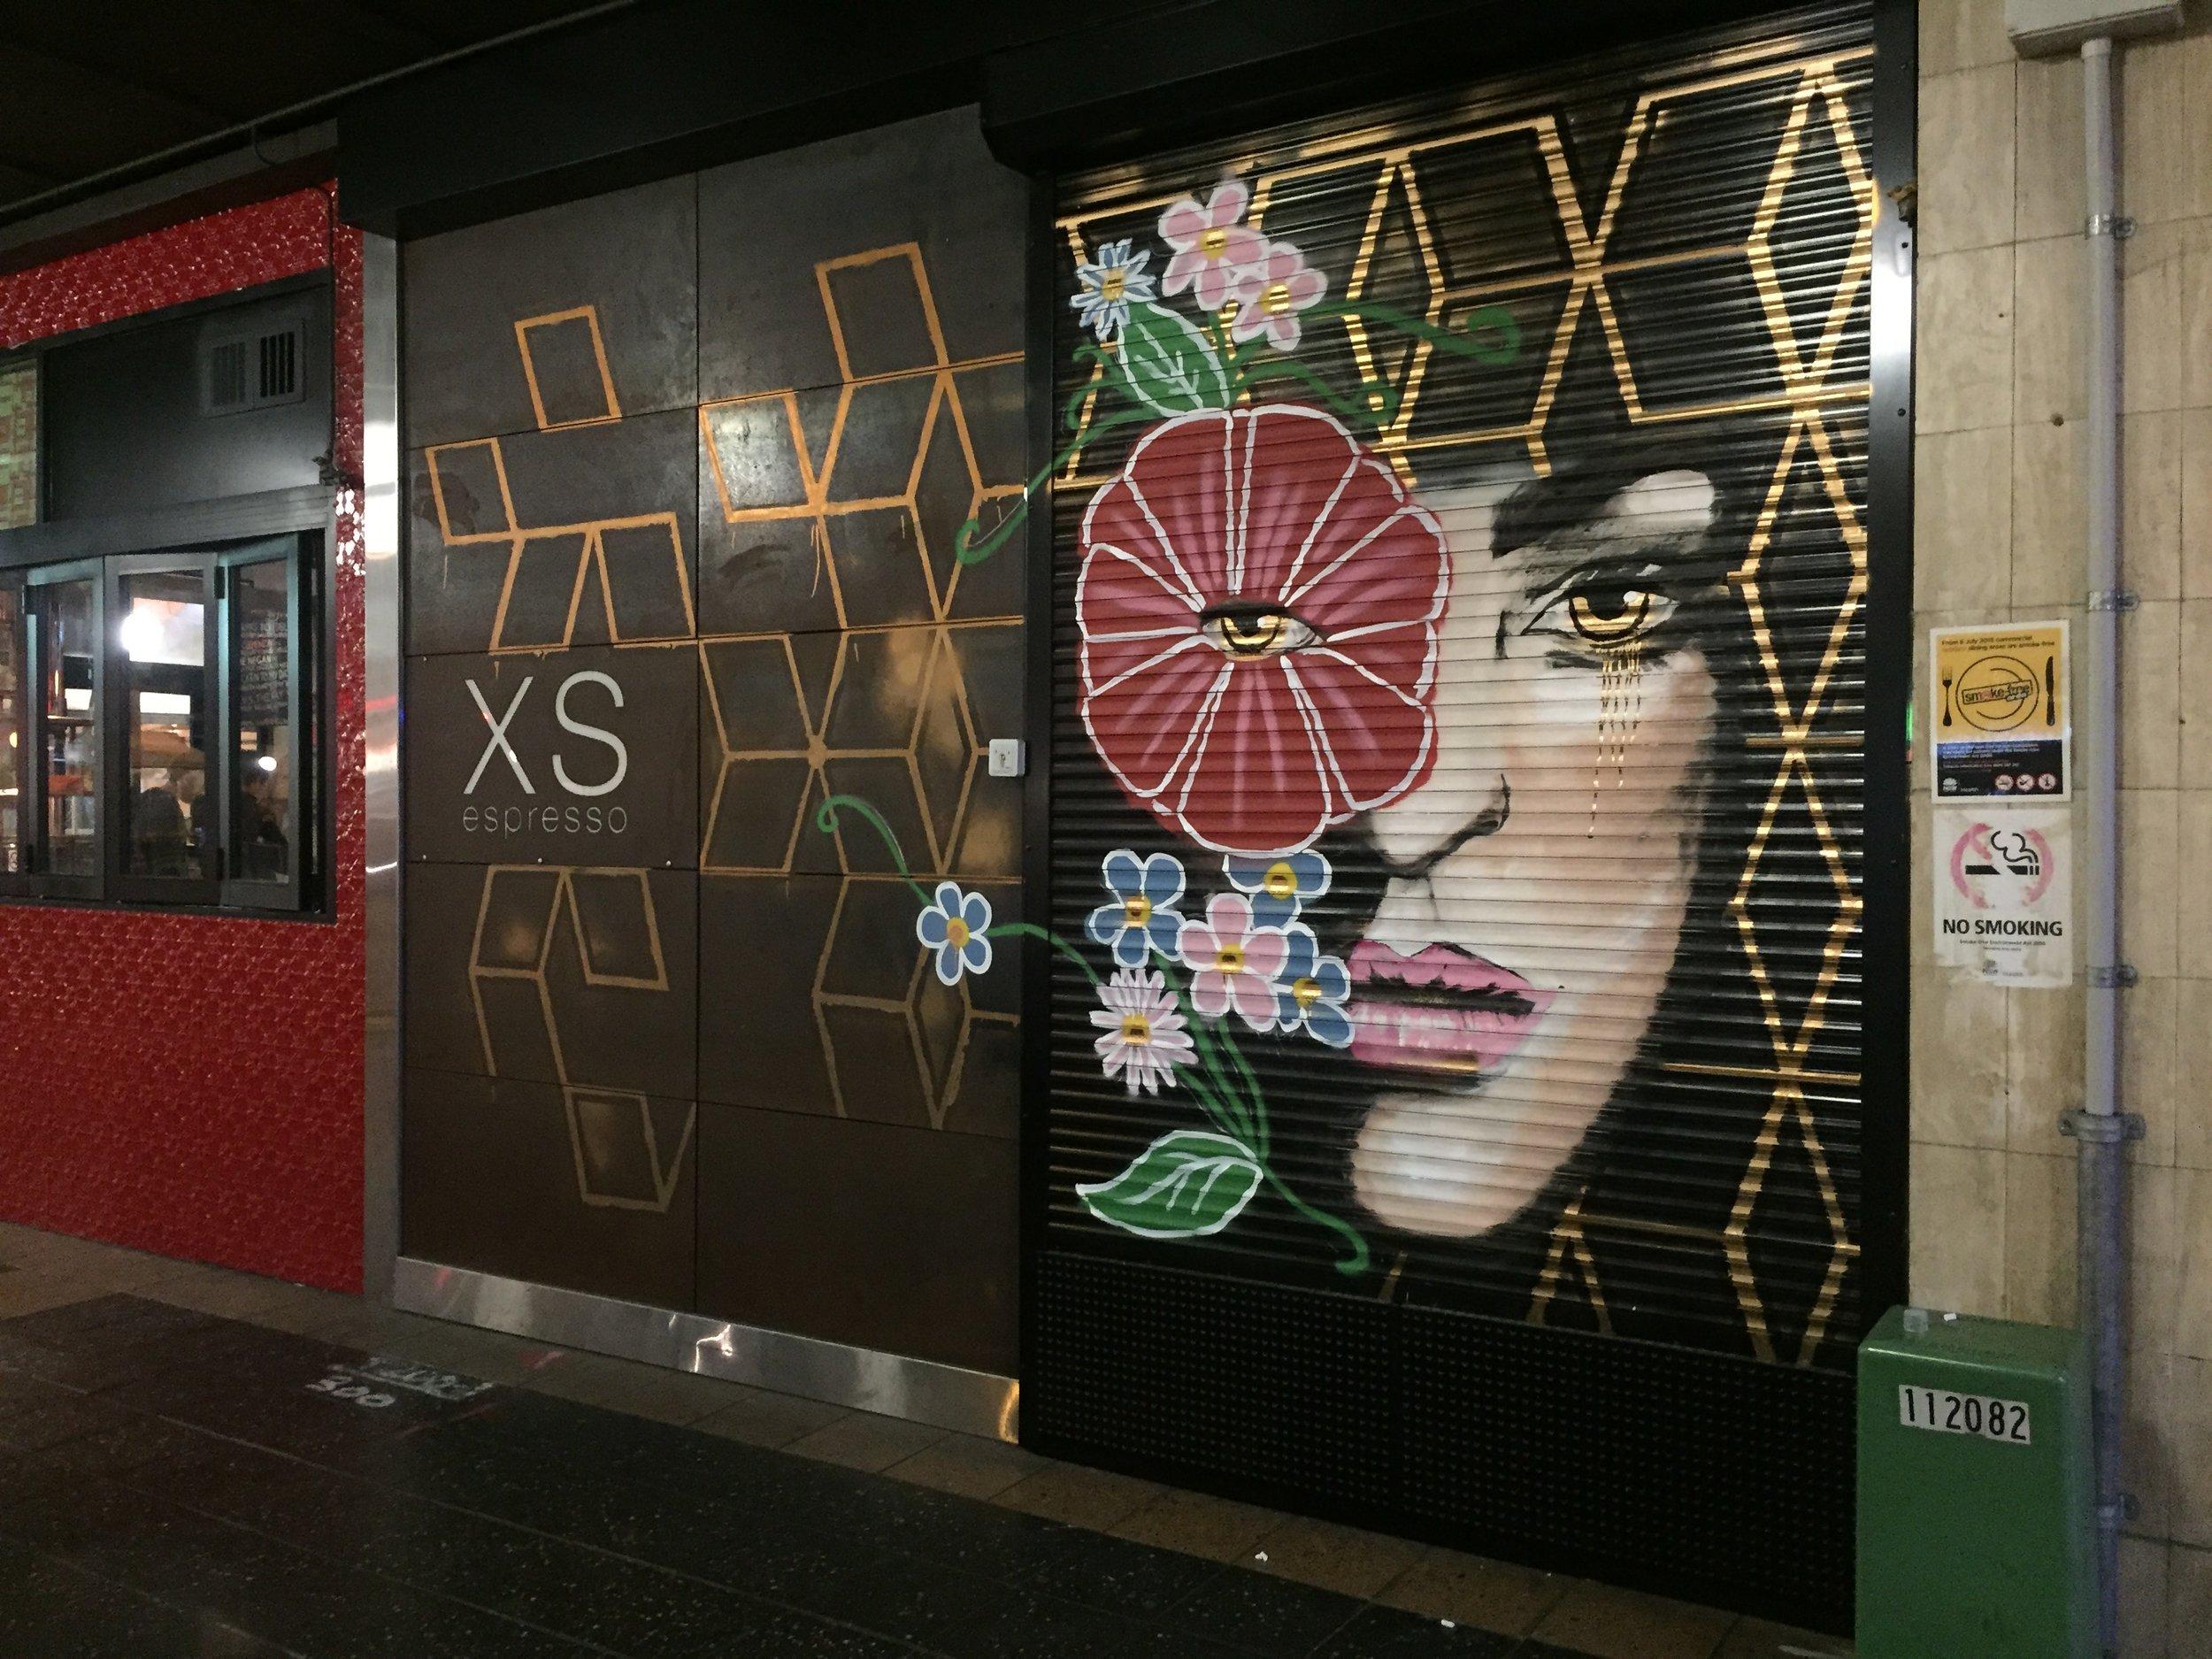 Mural for XS Espresso